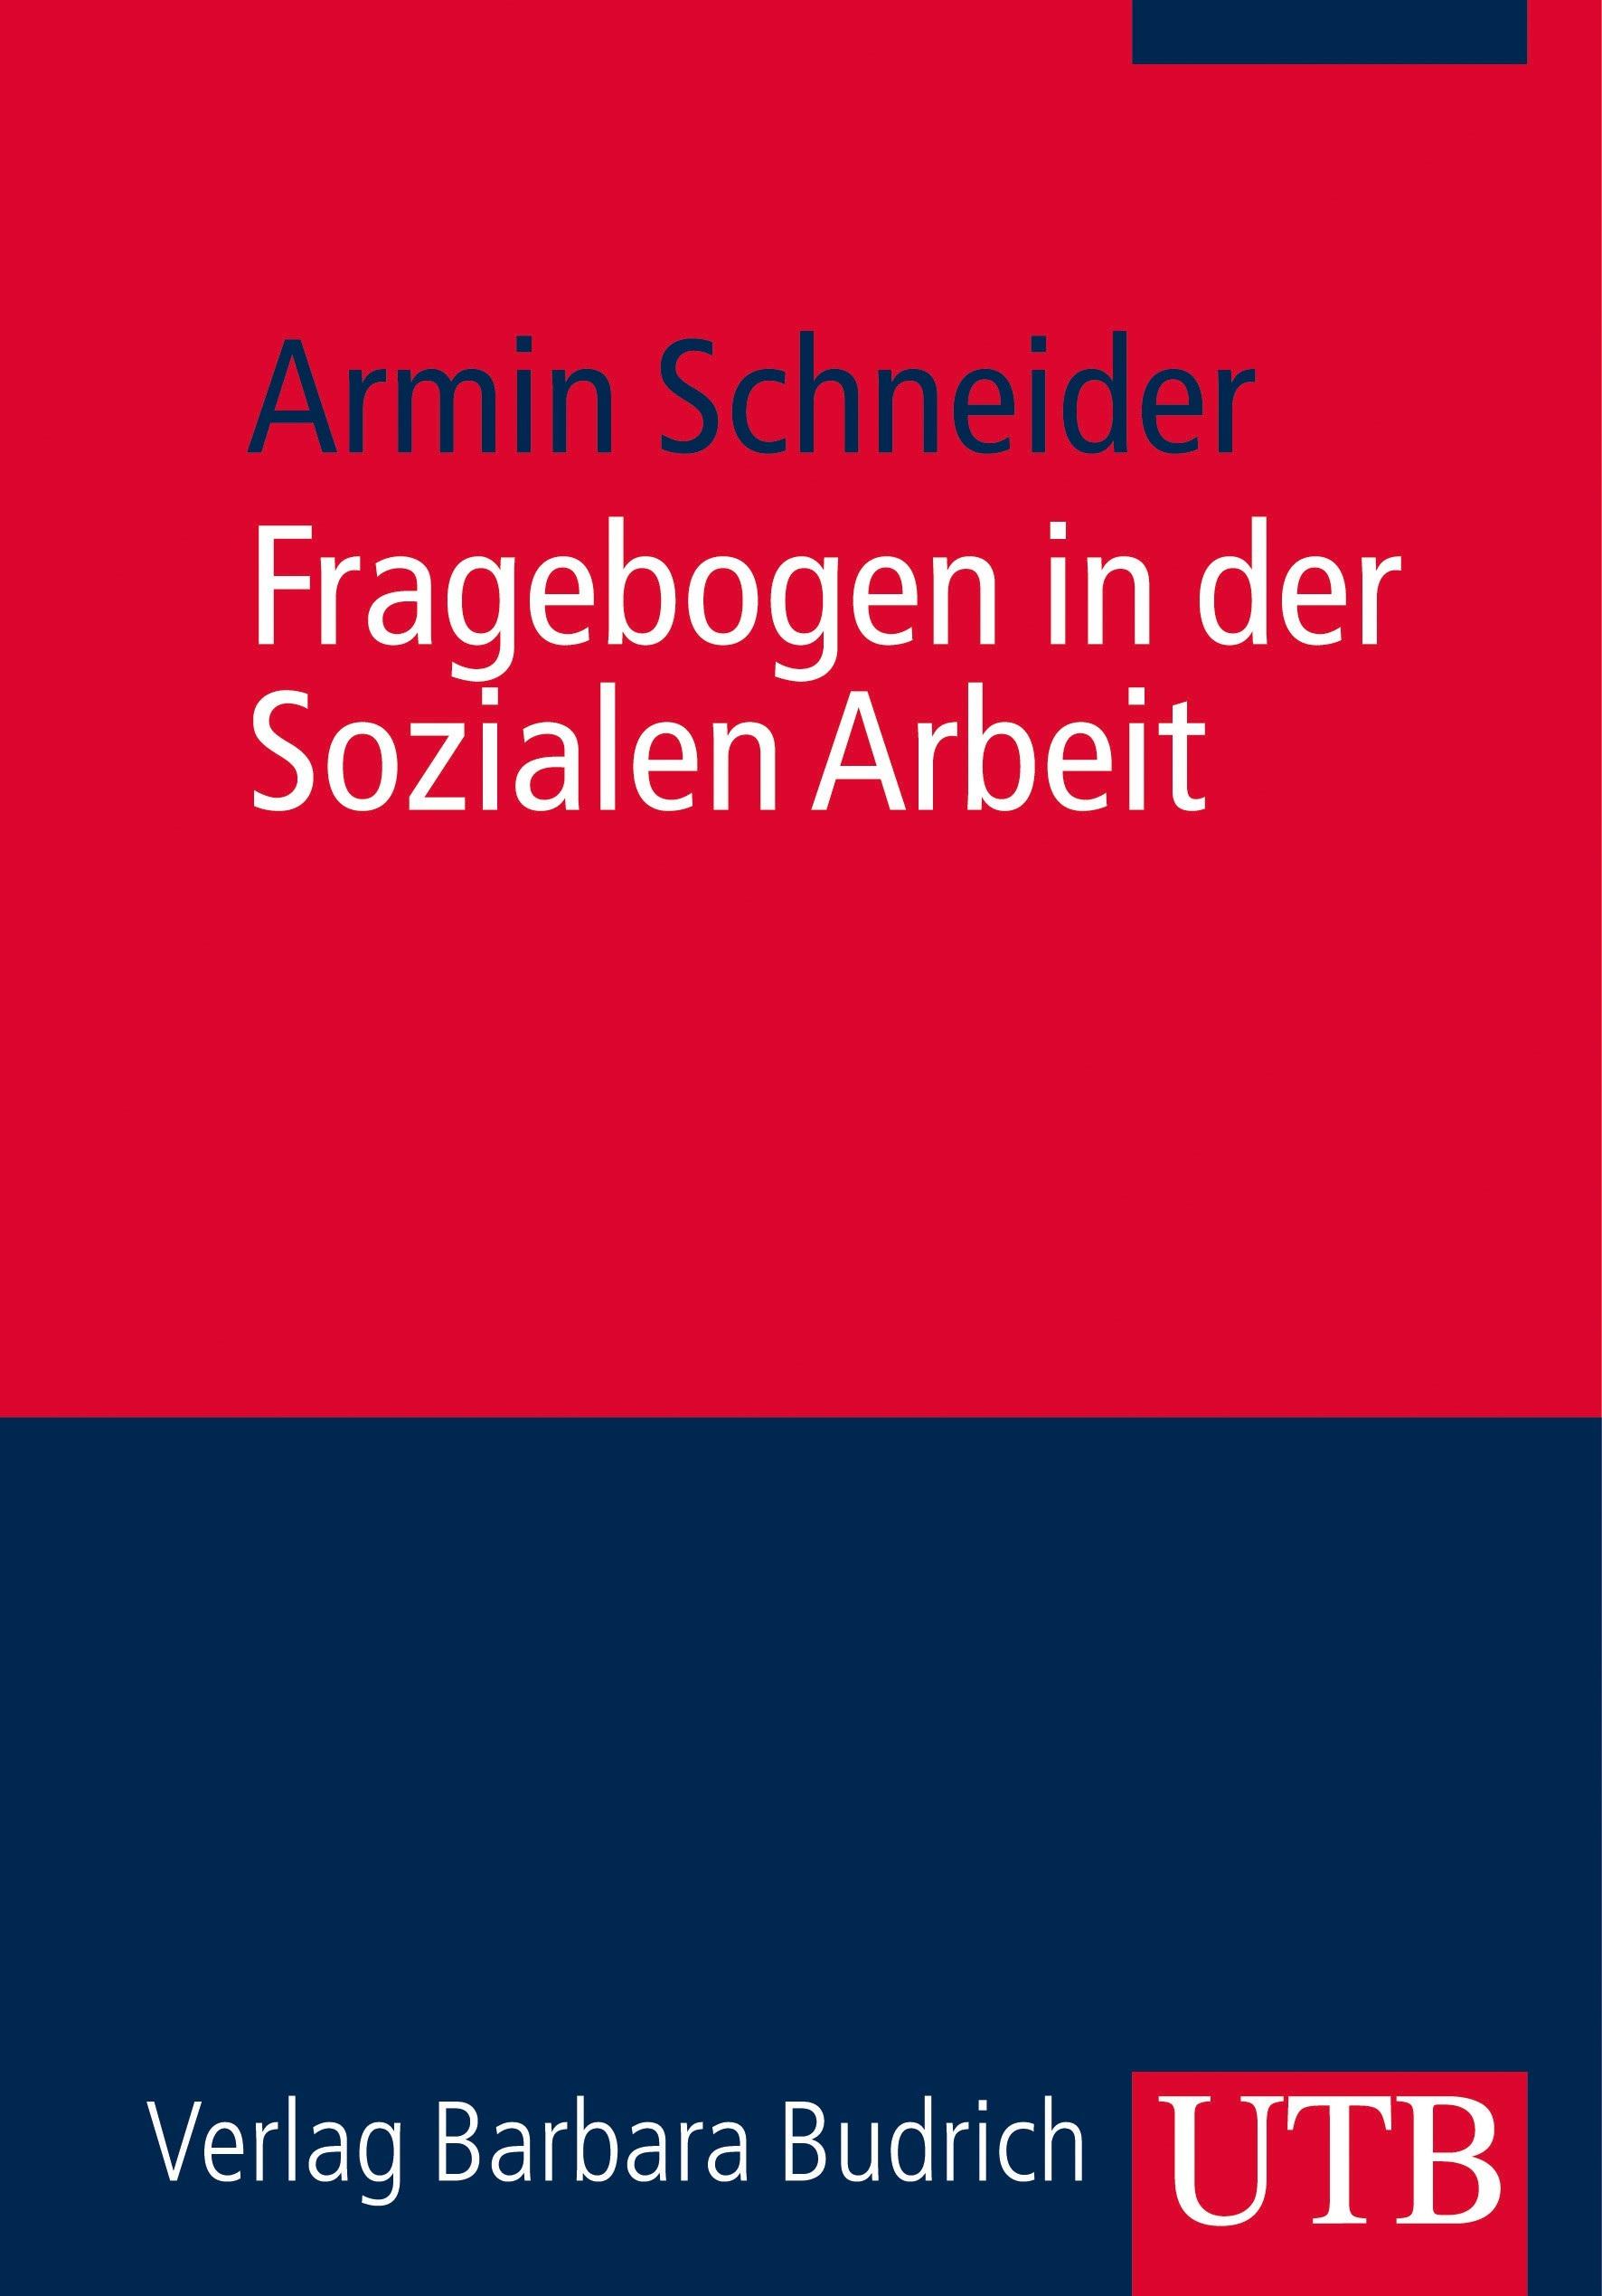 Fragebogen in der Sozialen Arbeit